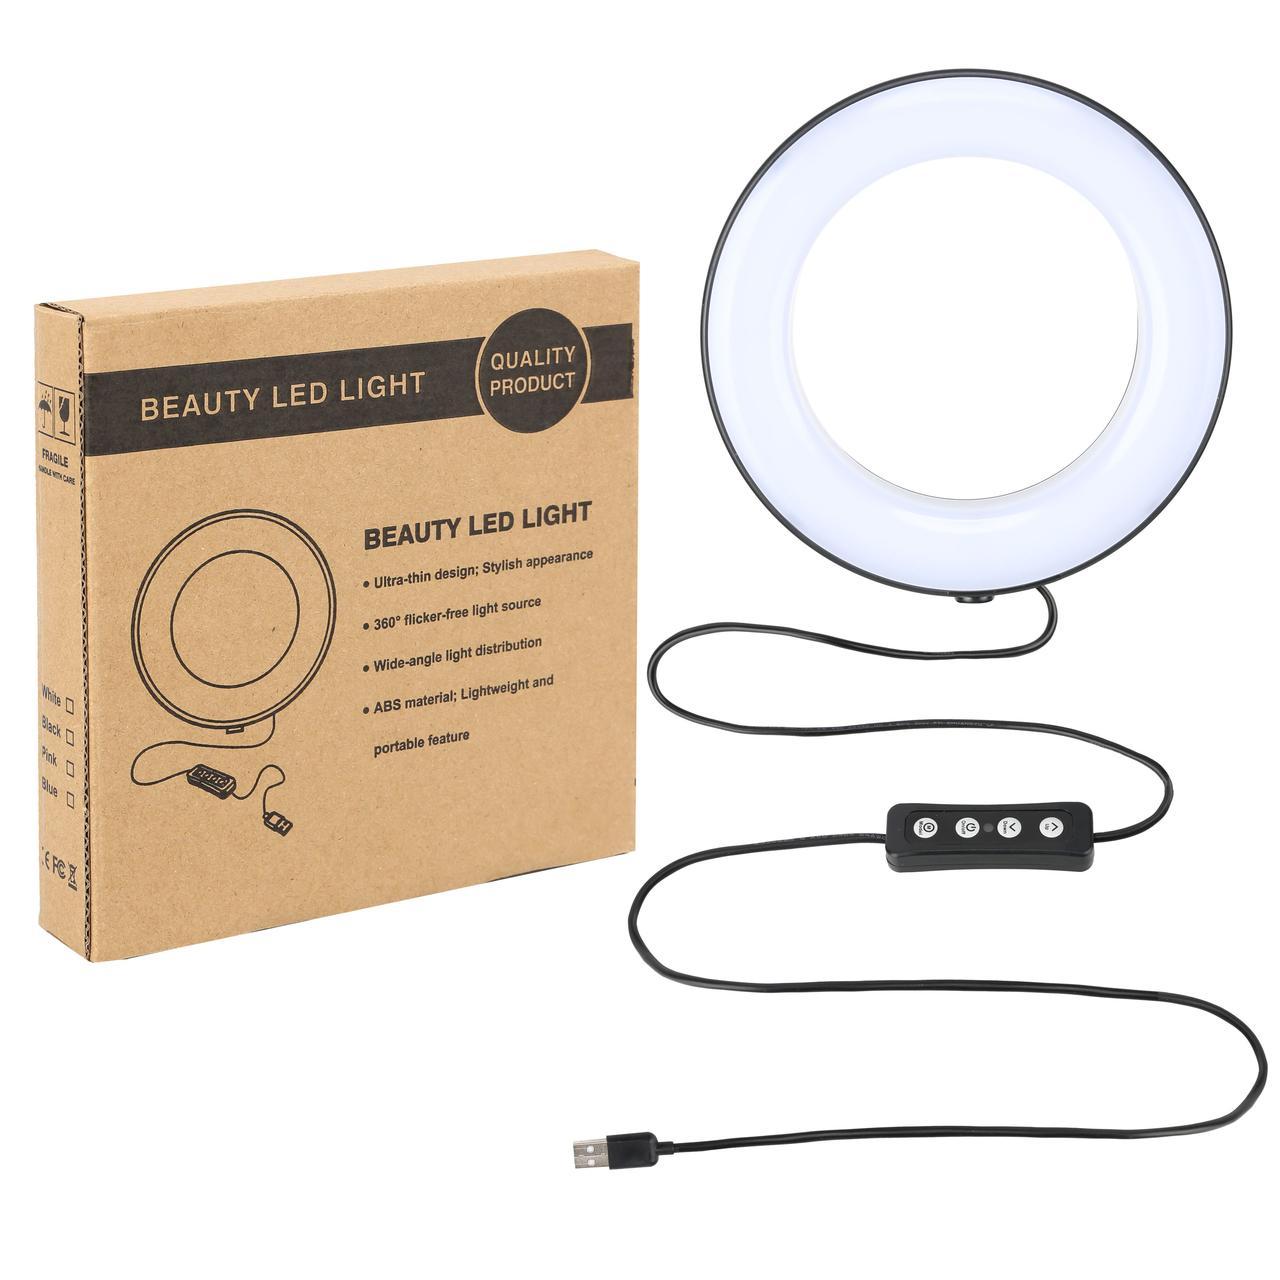 """Кольцевой LED свет ZM100 (6"""" - 16см) с пультом (проводным) и USB для бьюти, селфи и предметной съемки"""